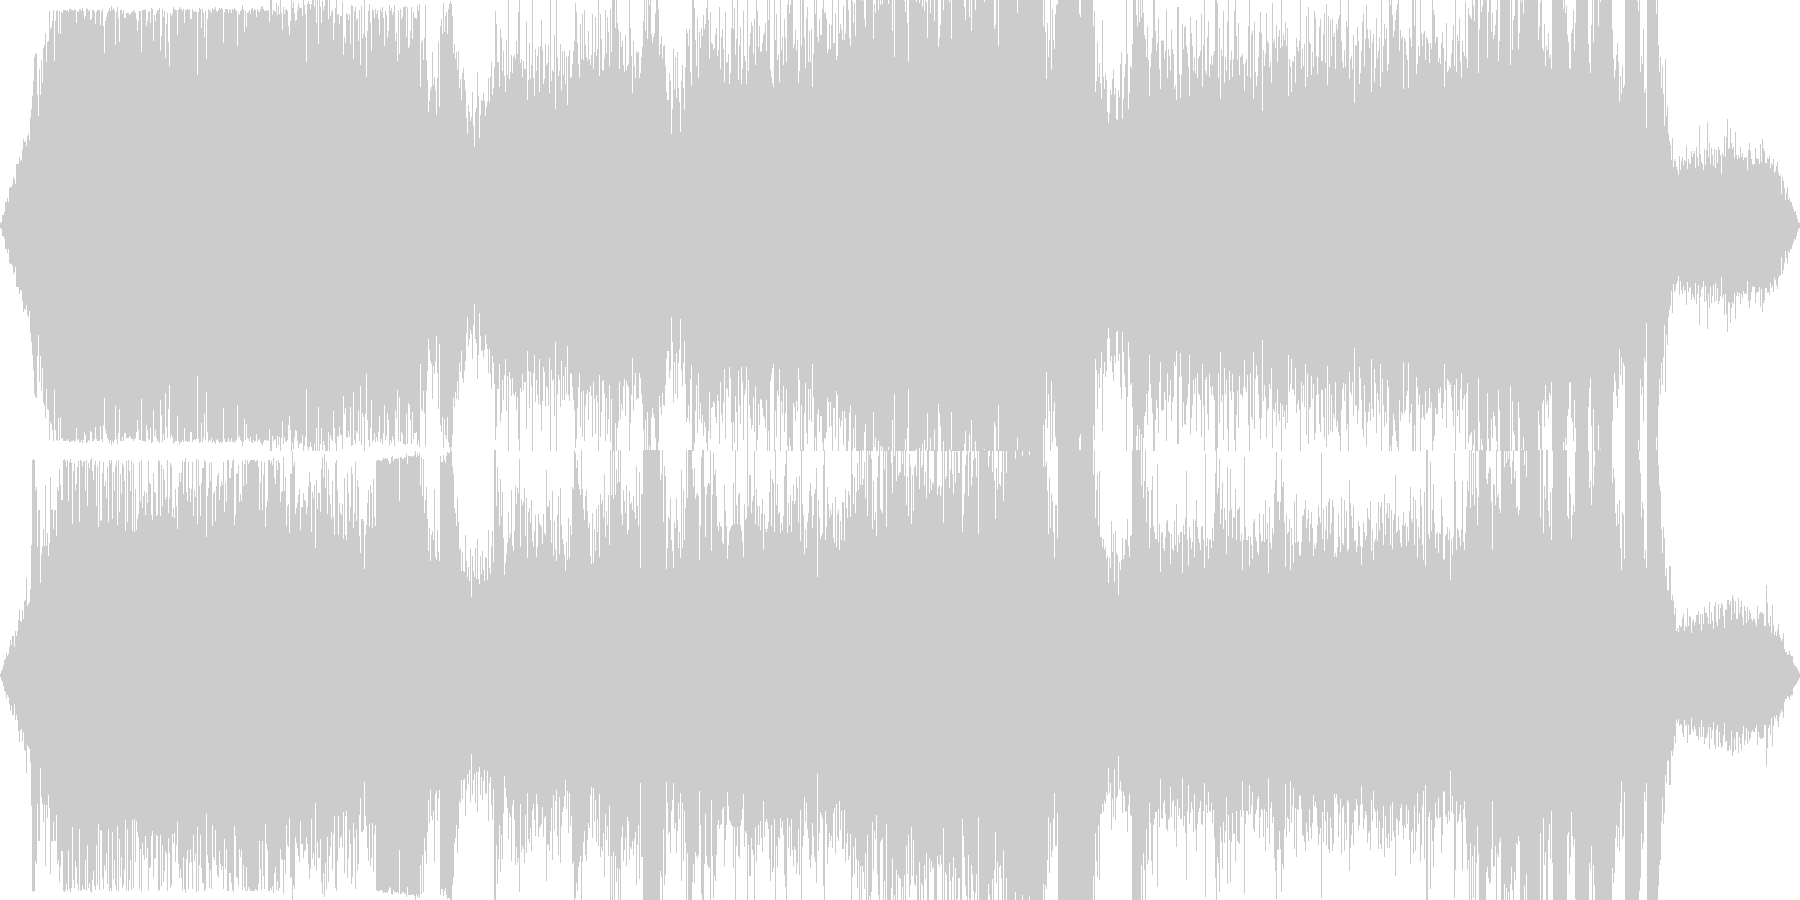 工事現場の騒音 ゴゴゴ カンカン その2の未再生の波形